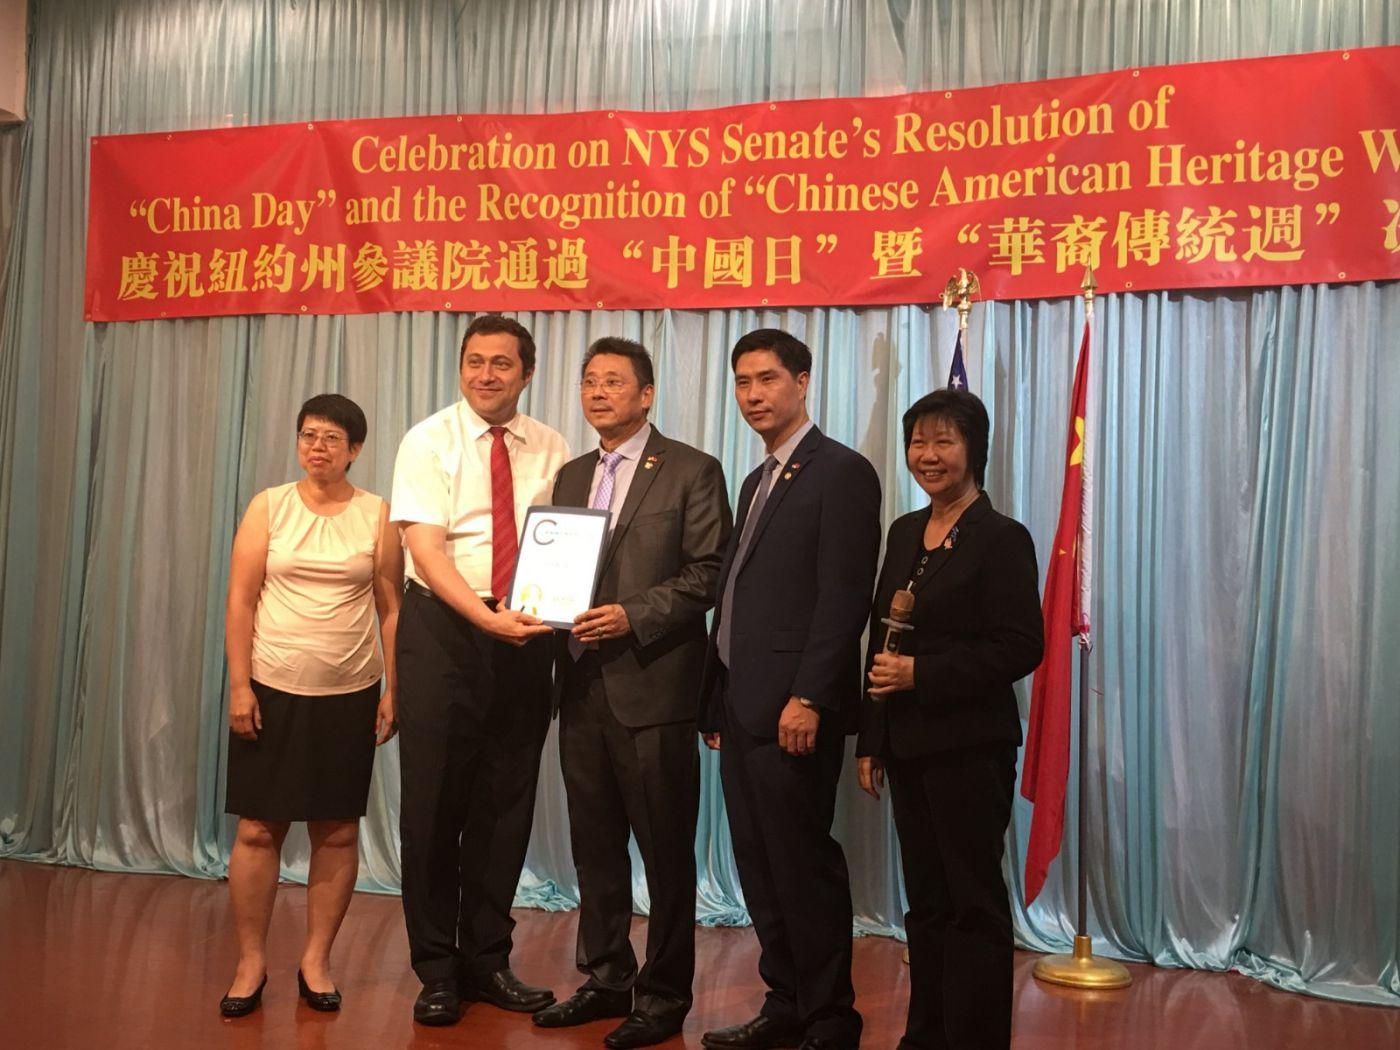 紐約州參議院通過「中國日」決議案慶祝会在紐約舉行_图1-30